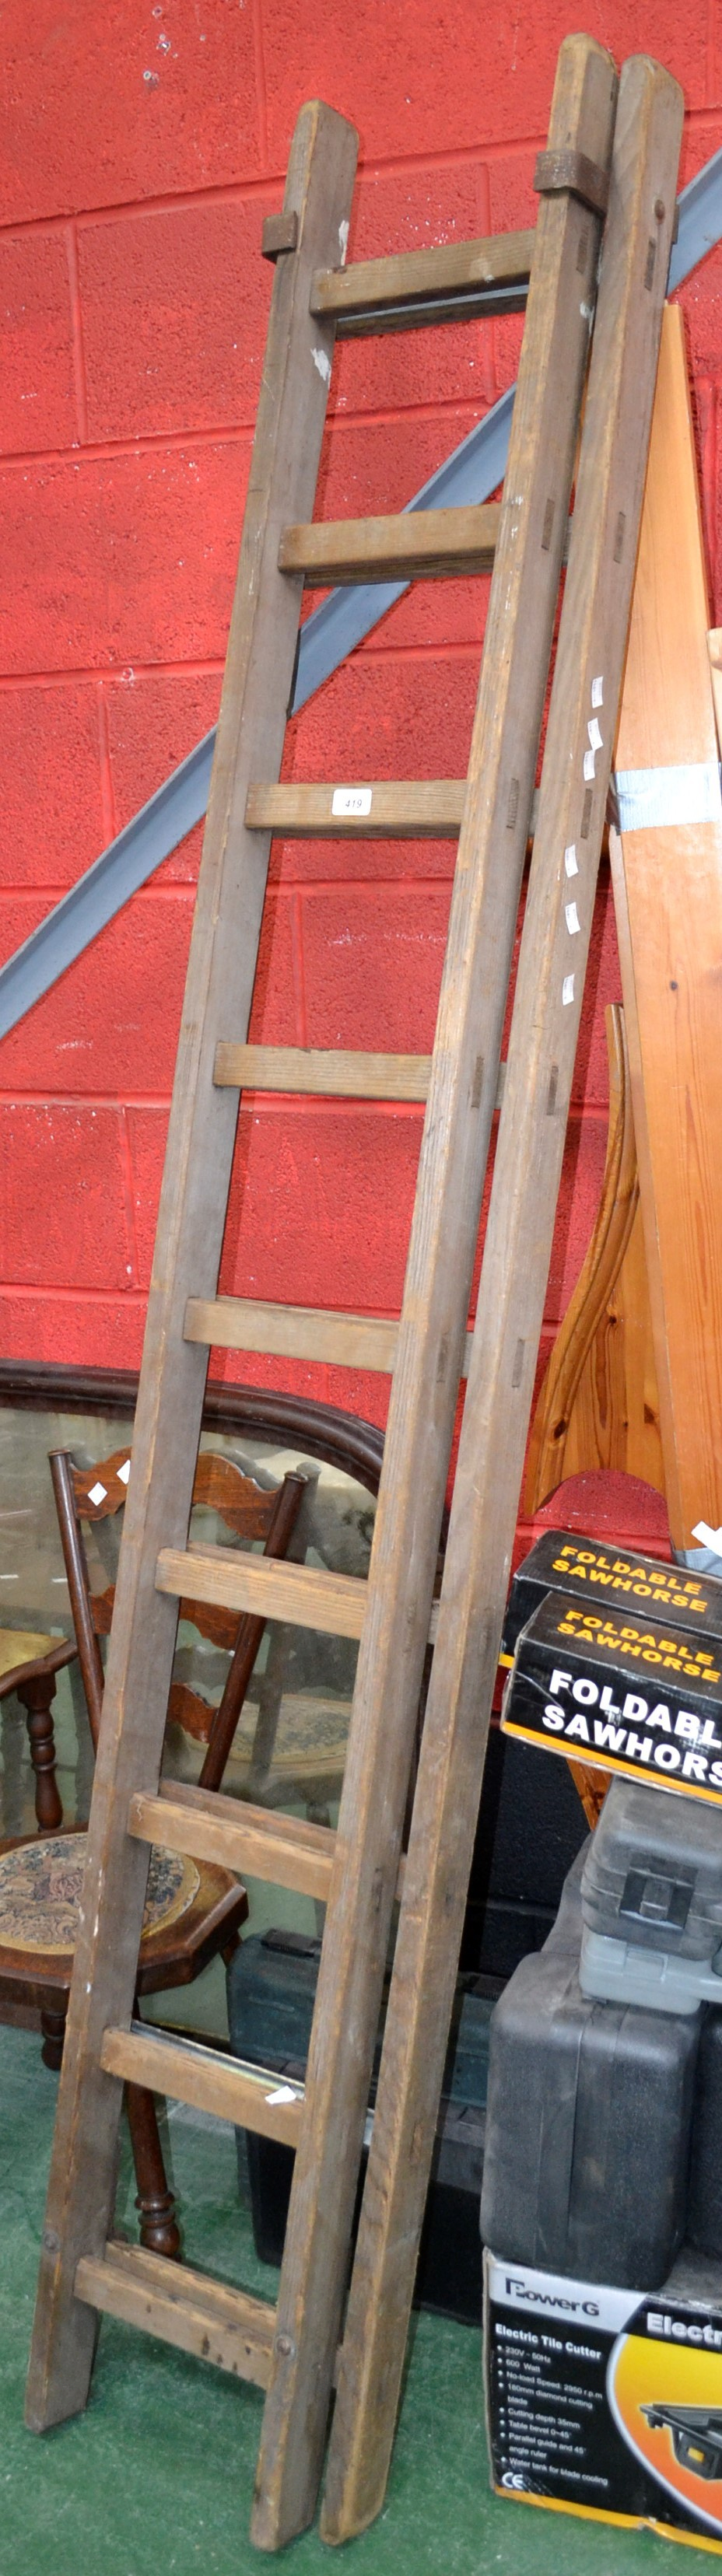 A Vintage Wooden Extension Ladder